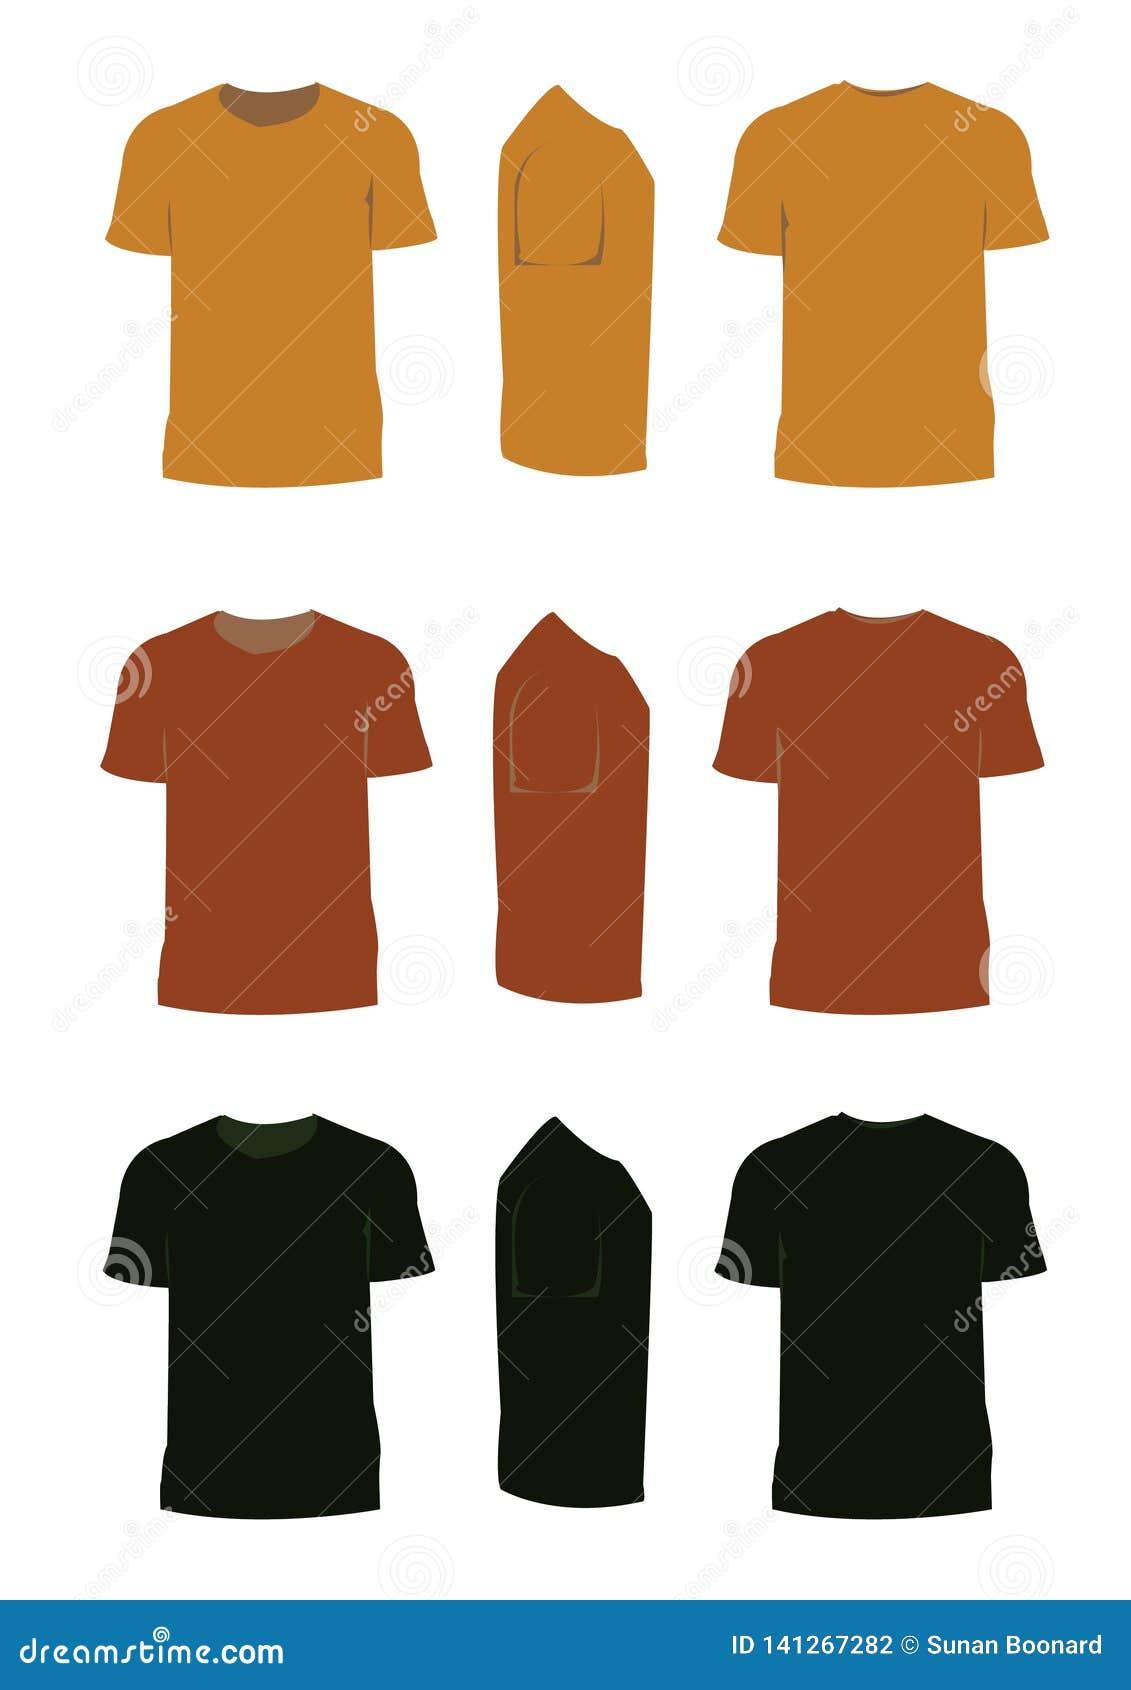 Tom do marrom da camisa de T para o projeto